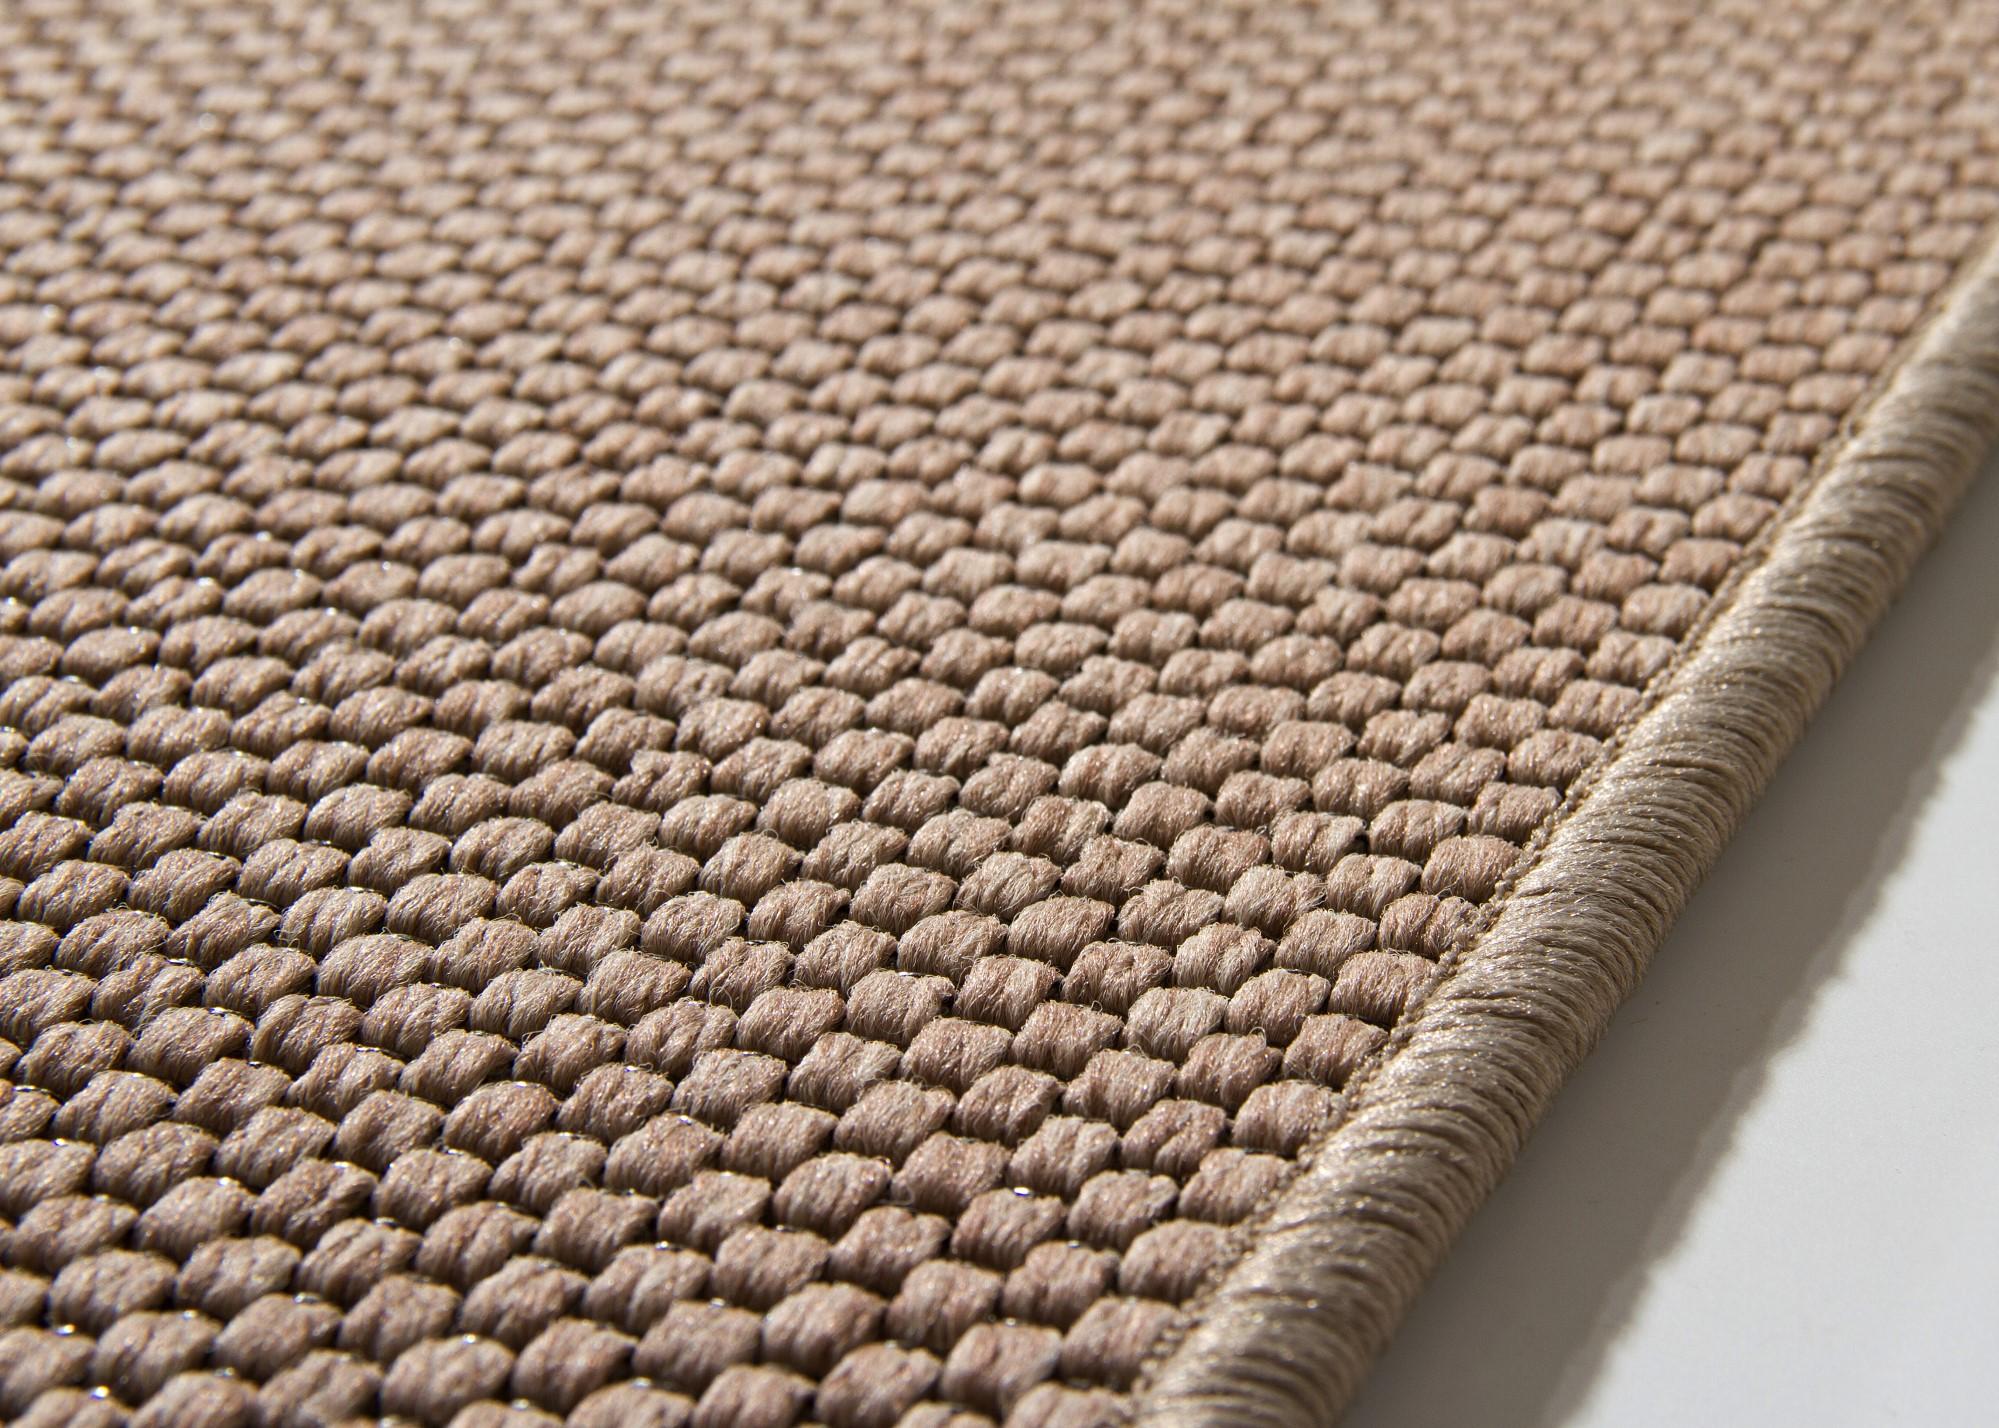 designer teppich modern viborg k chenteppich beige braun silber grau ebay. Black Bedroom Furniture Sets. Home Design Ideas